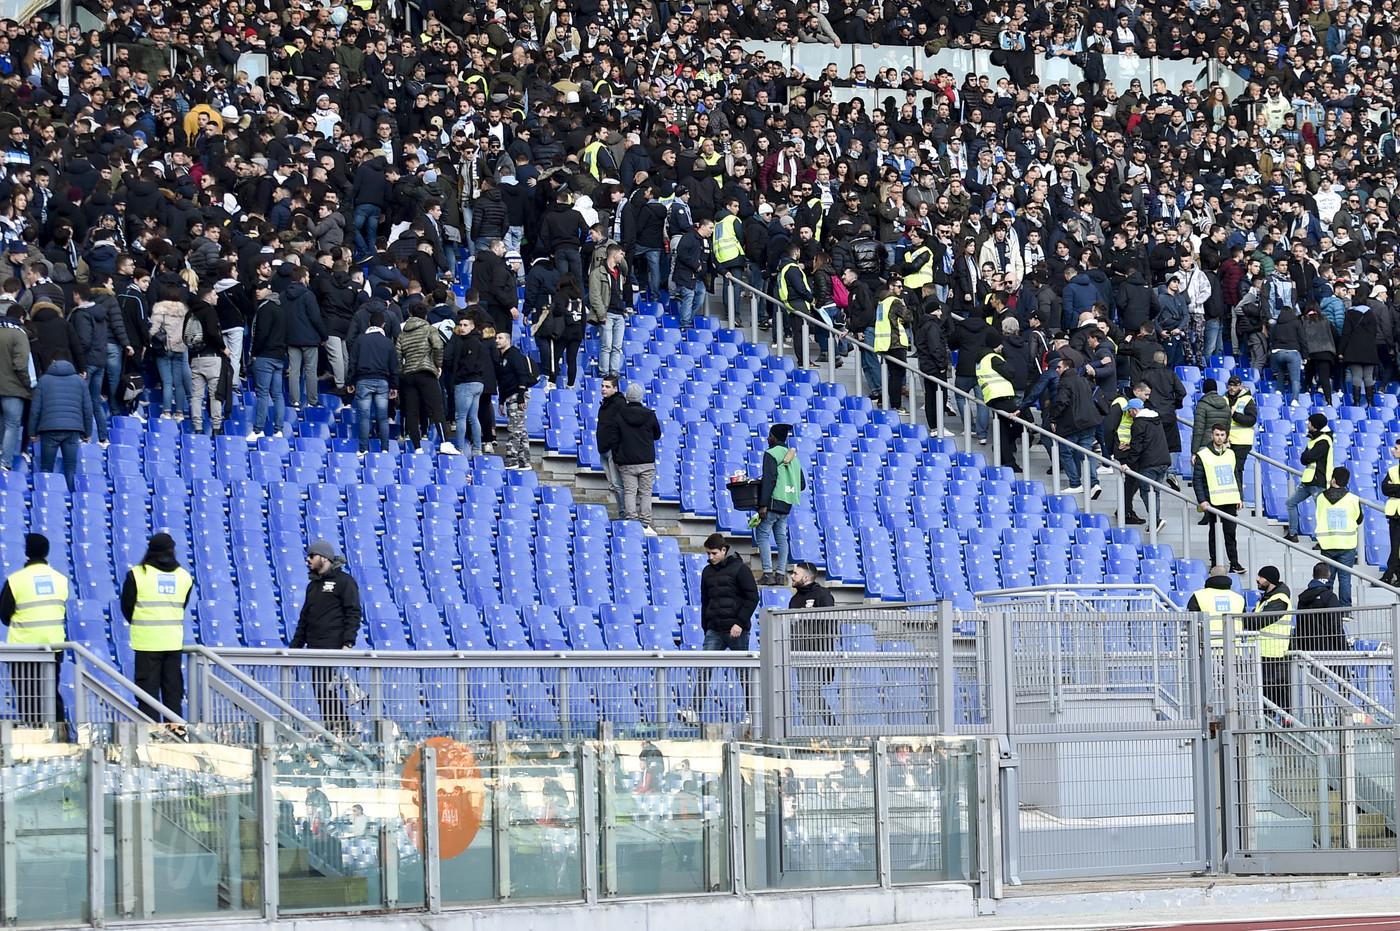 Coppa Italia, cori razzisti e antisemiti dalla curva della Lazio nel match contro il Novara. Aperta un'indagine